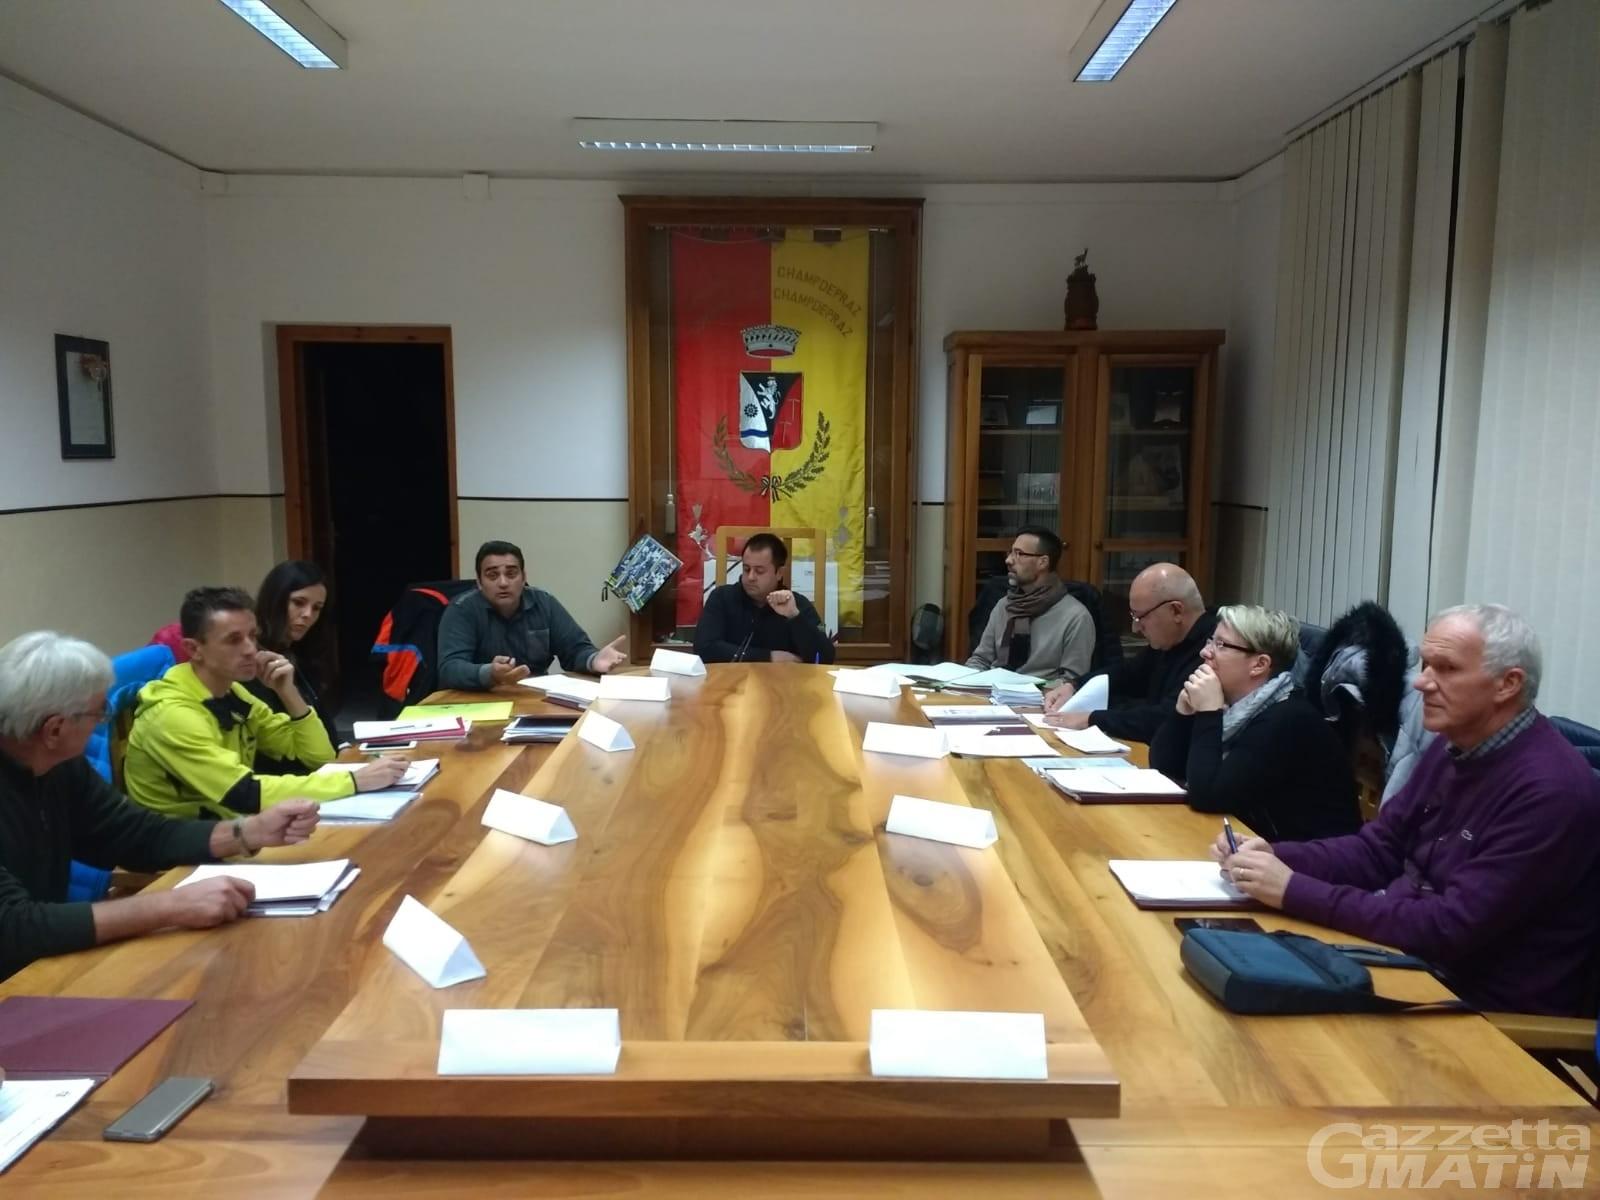 Champdepraz, rinviato per il maltempo il Consiglio comunale